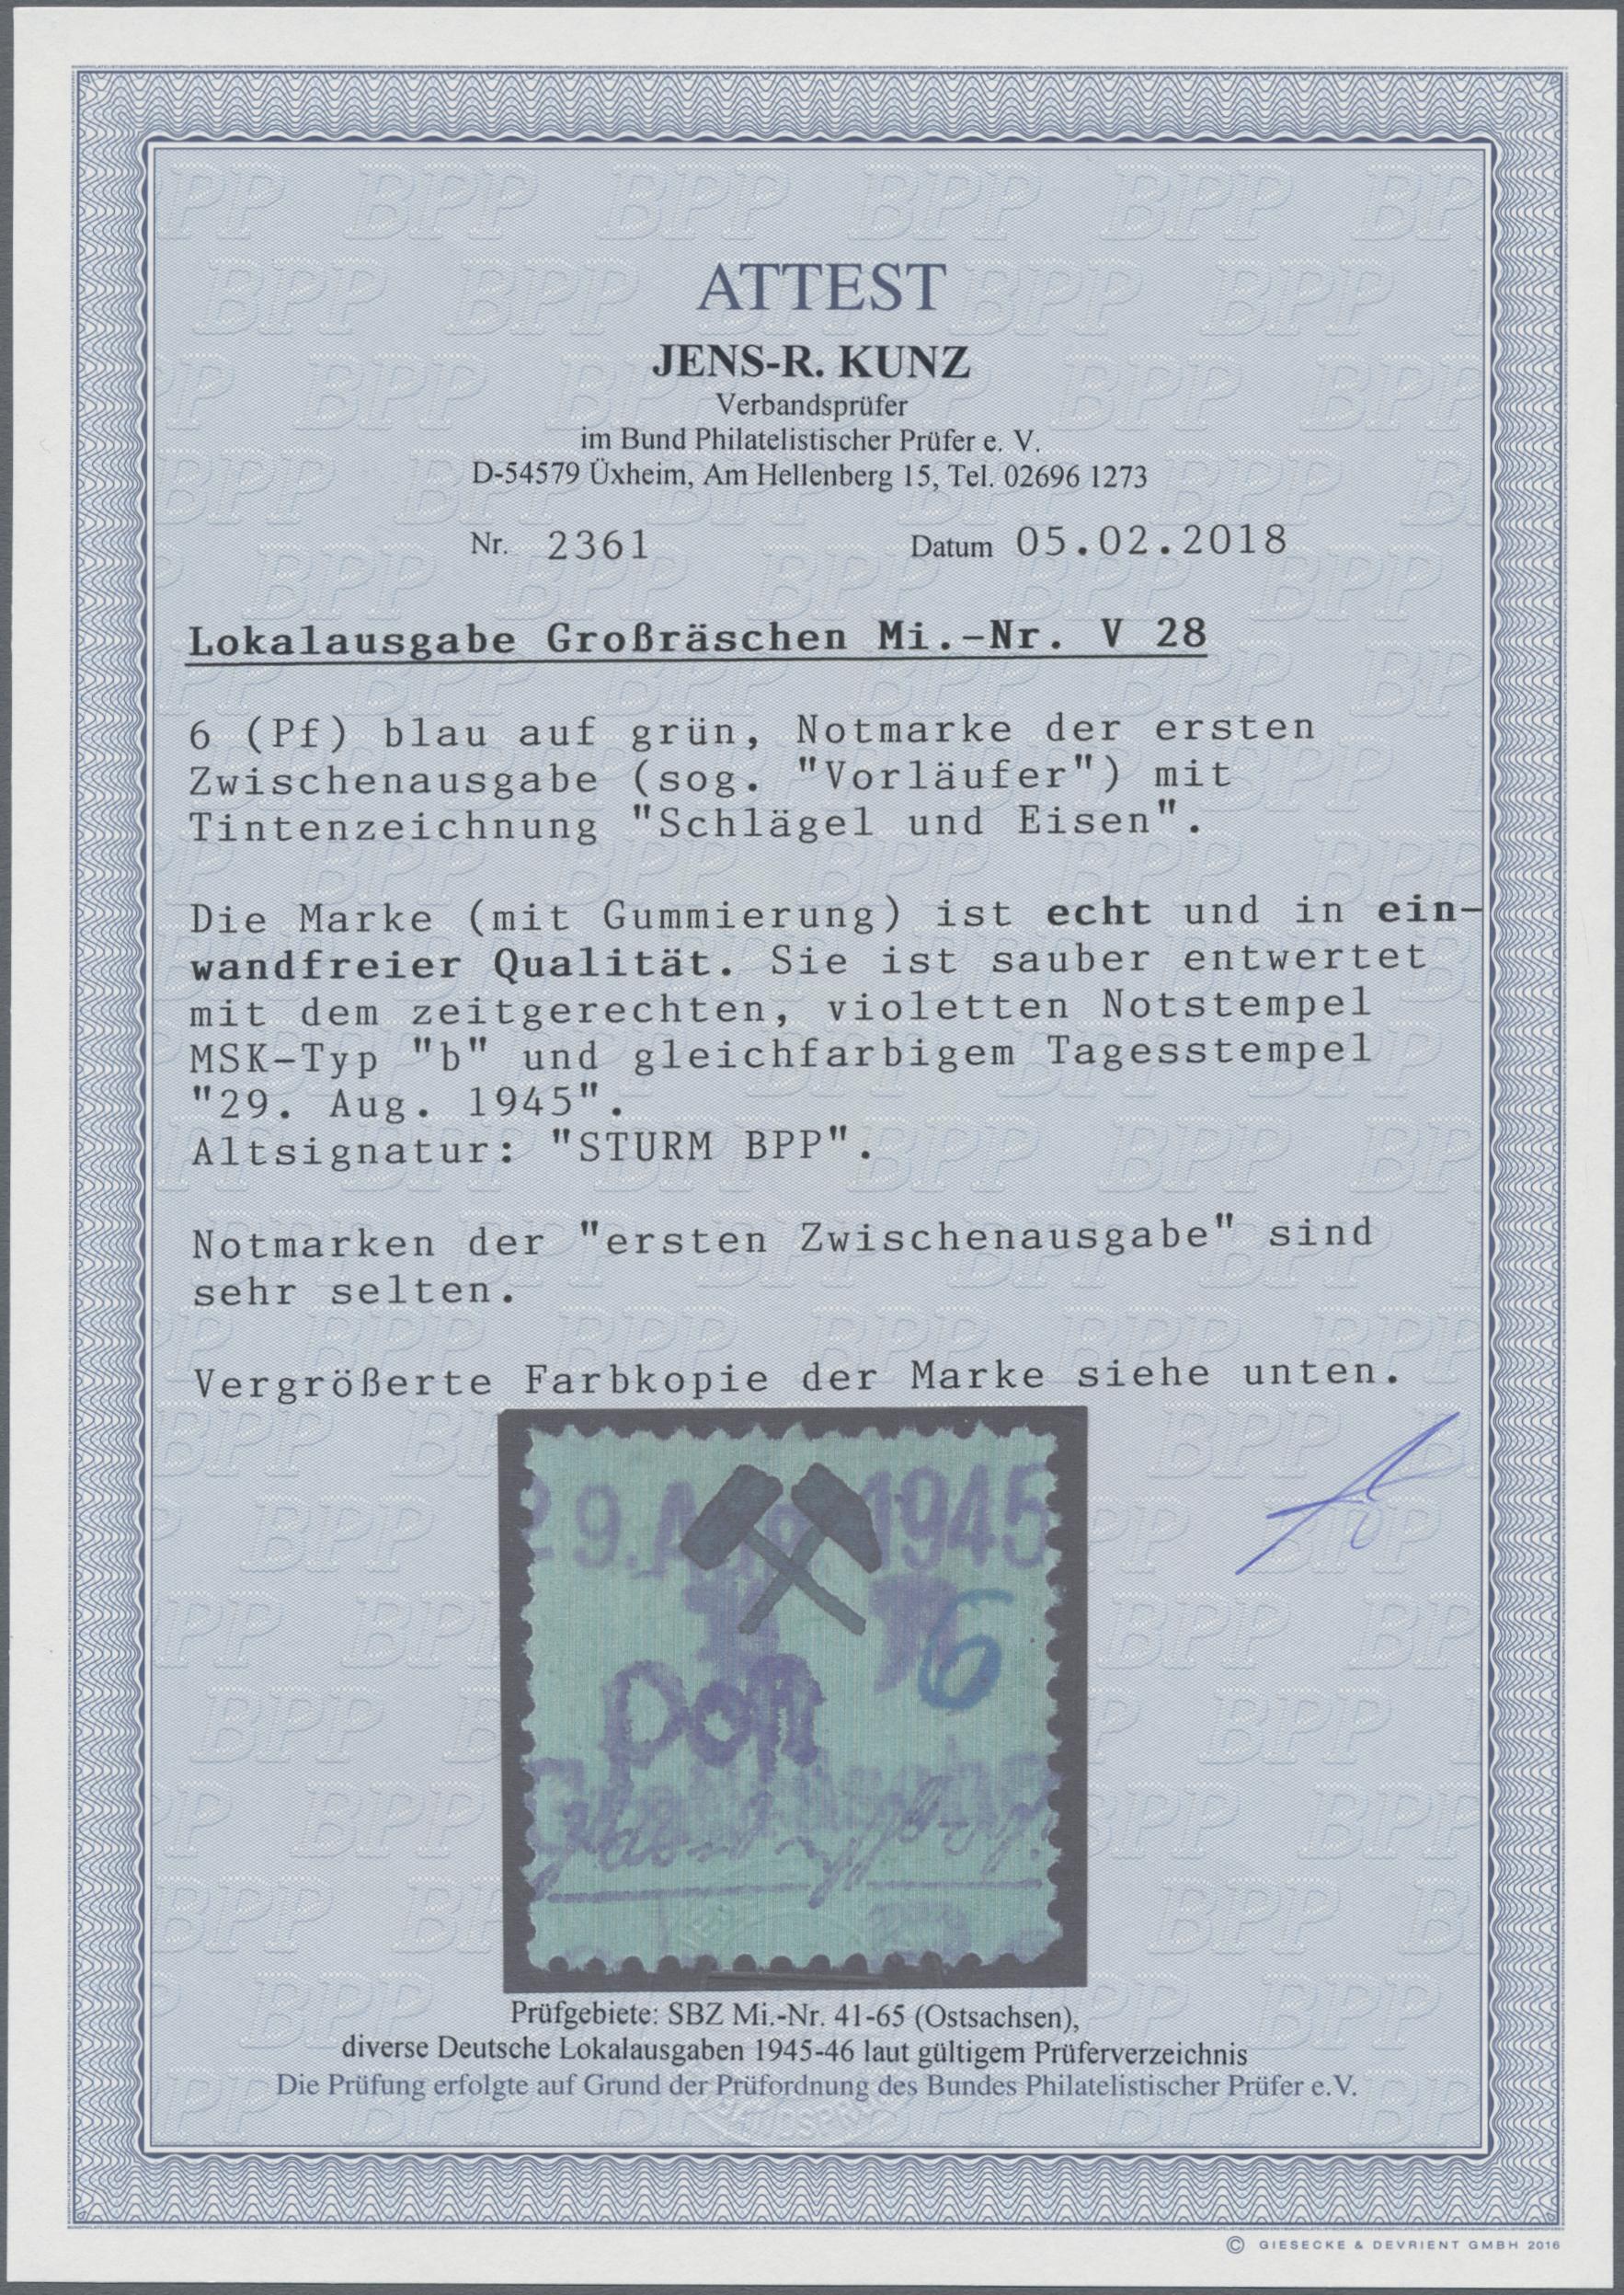 Lot 12524 - Deutsche Lokalausgaben ab 1945 - Großräschen  -  Auktionshaus Christoph Gärtner GmbH & Co. KG 50th Auction Anniversary Auction - Day 4